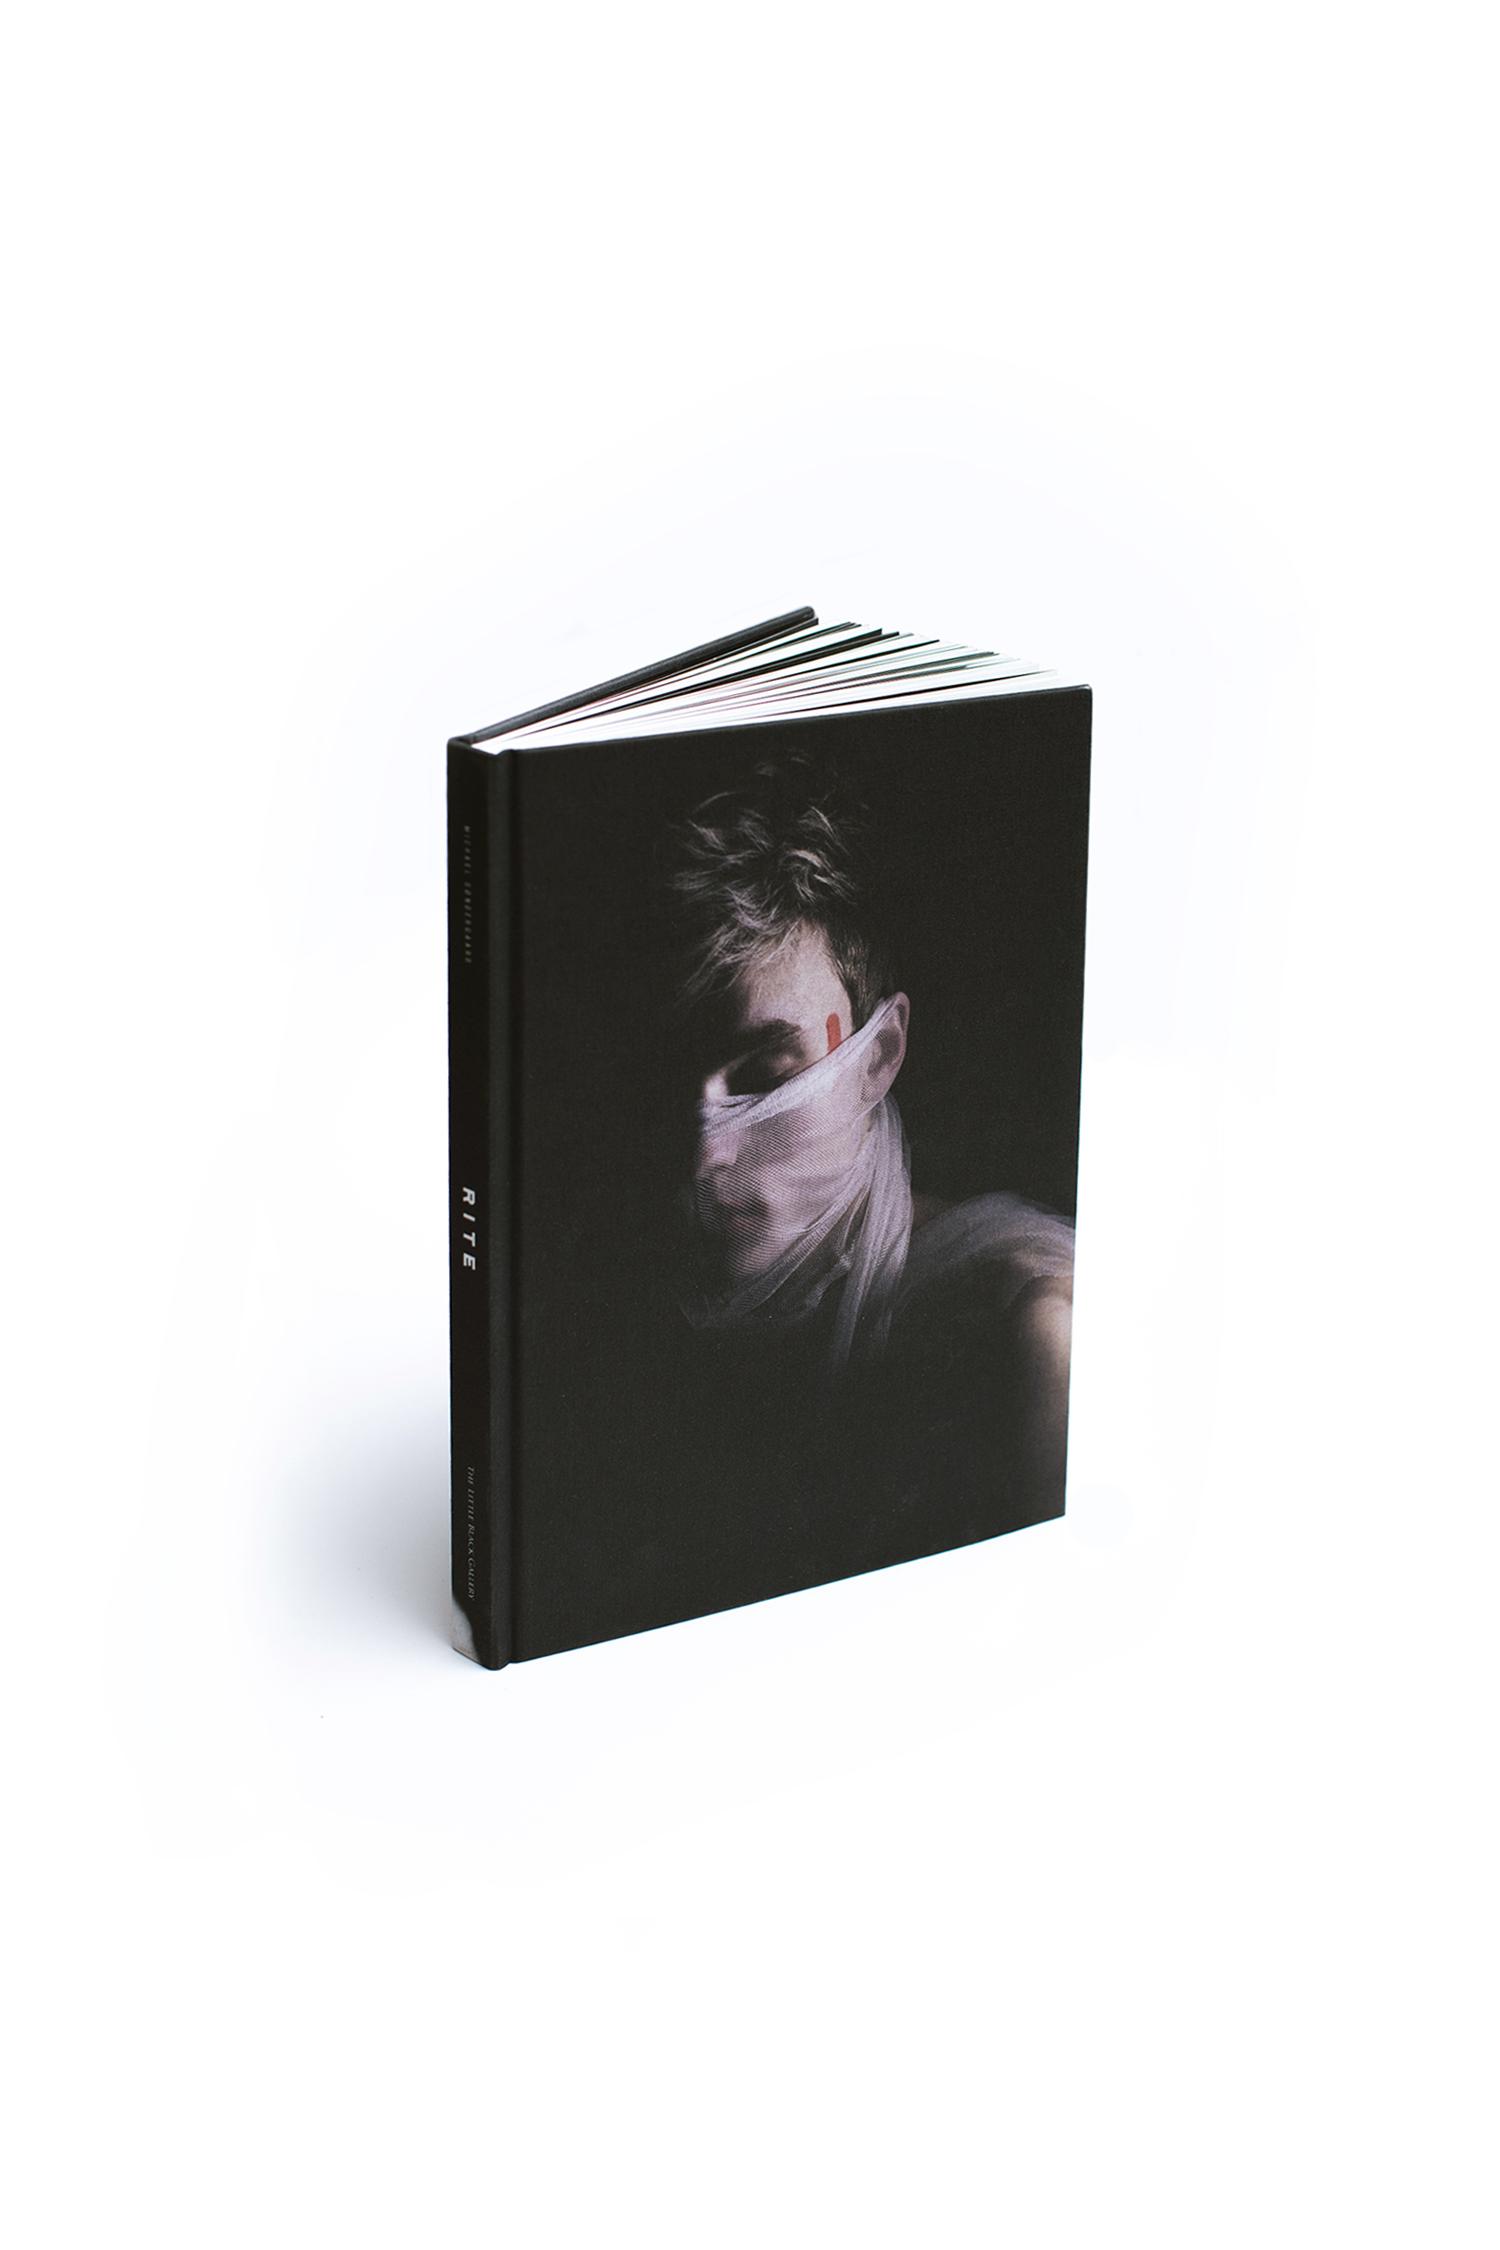 Rite book